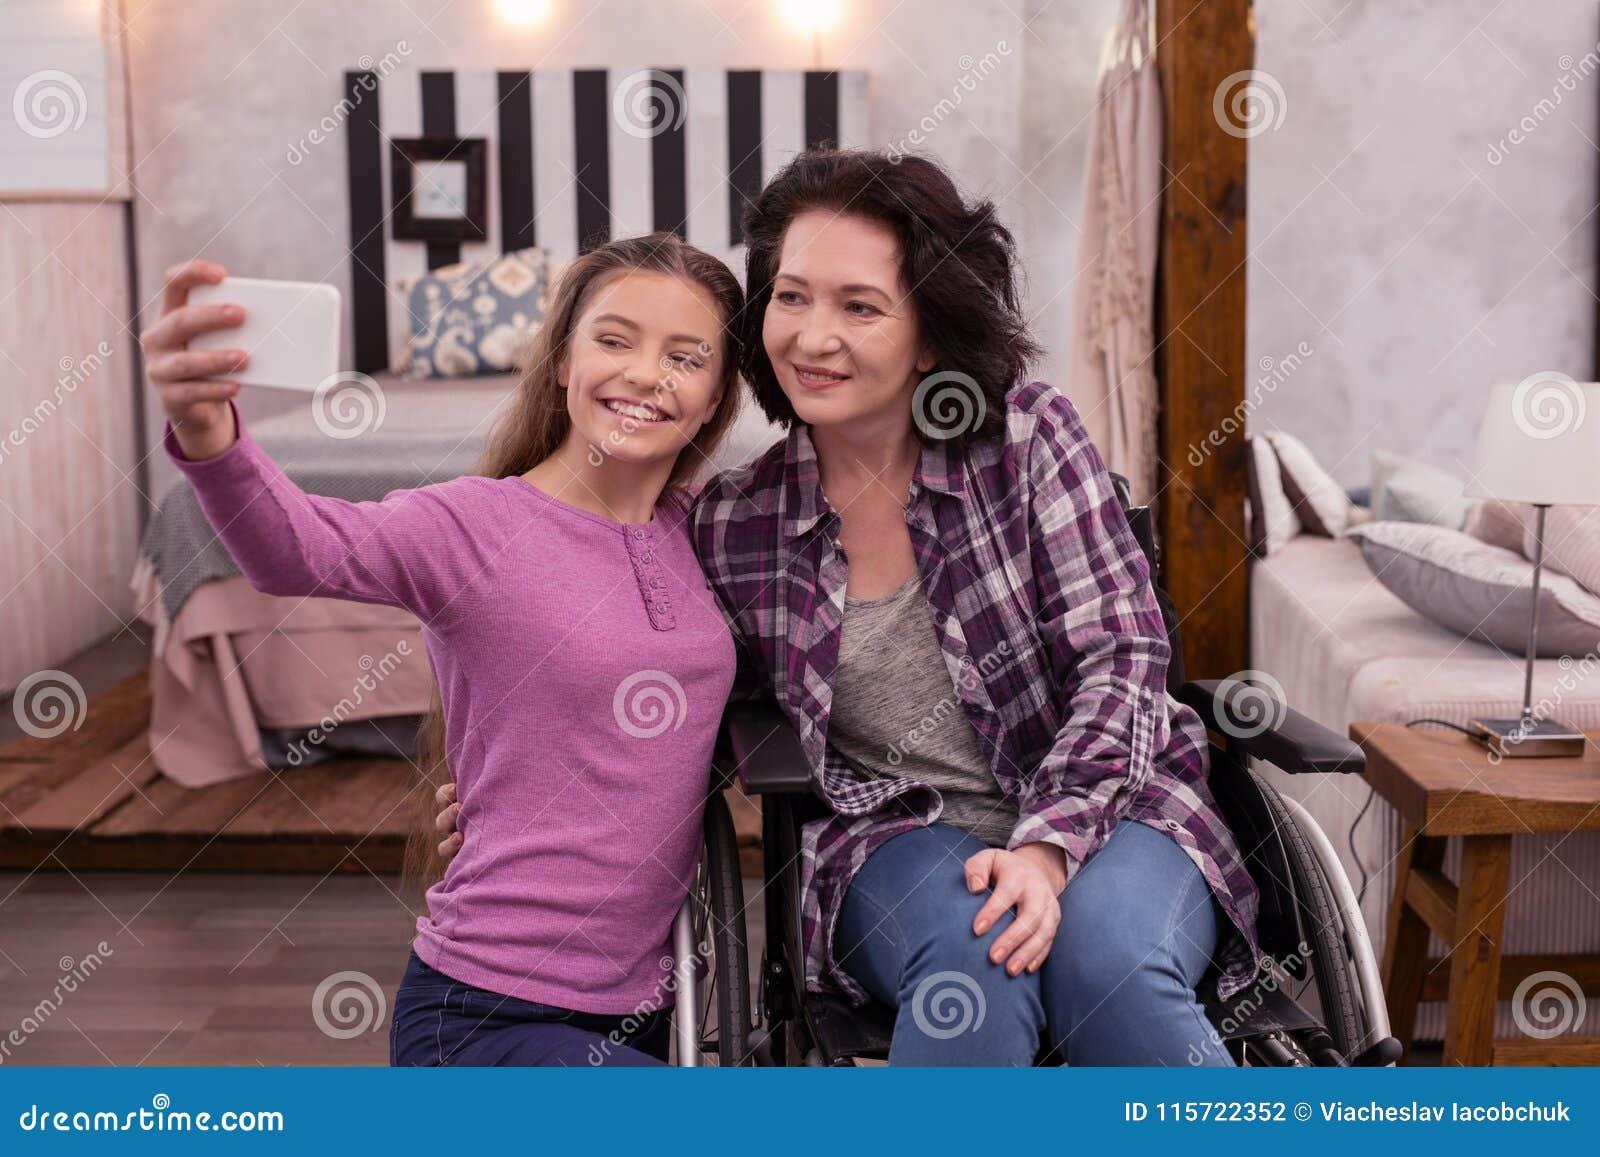 Gelukkig verlamd vrouw en meisje die foto nemen